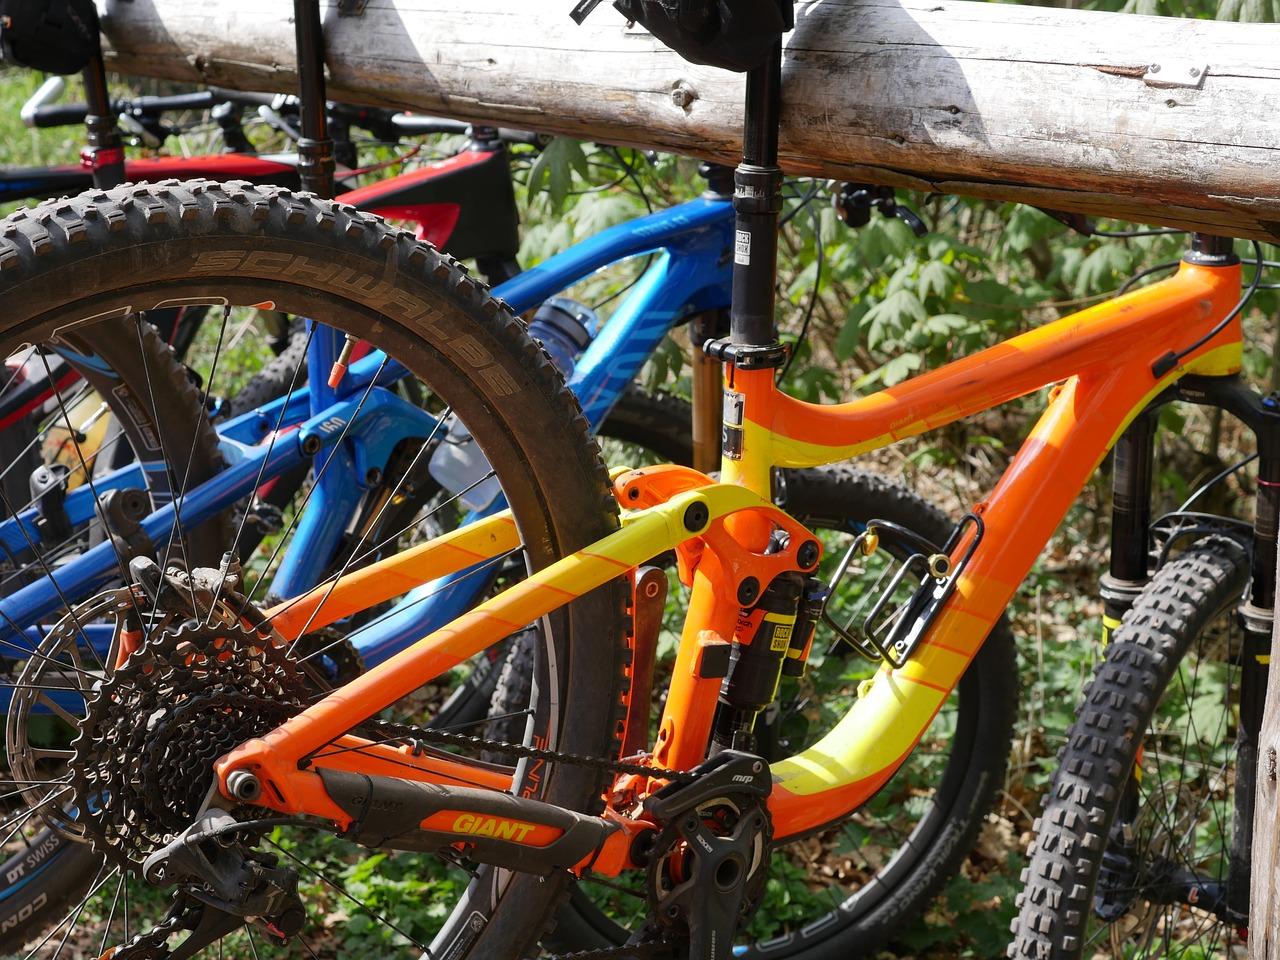 Rent a bike in Sedona